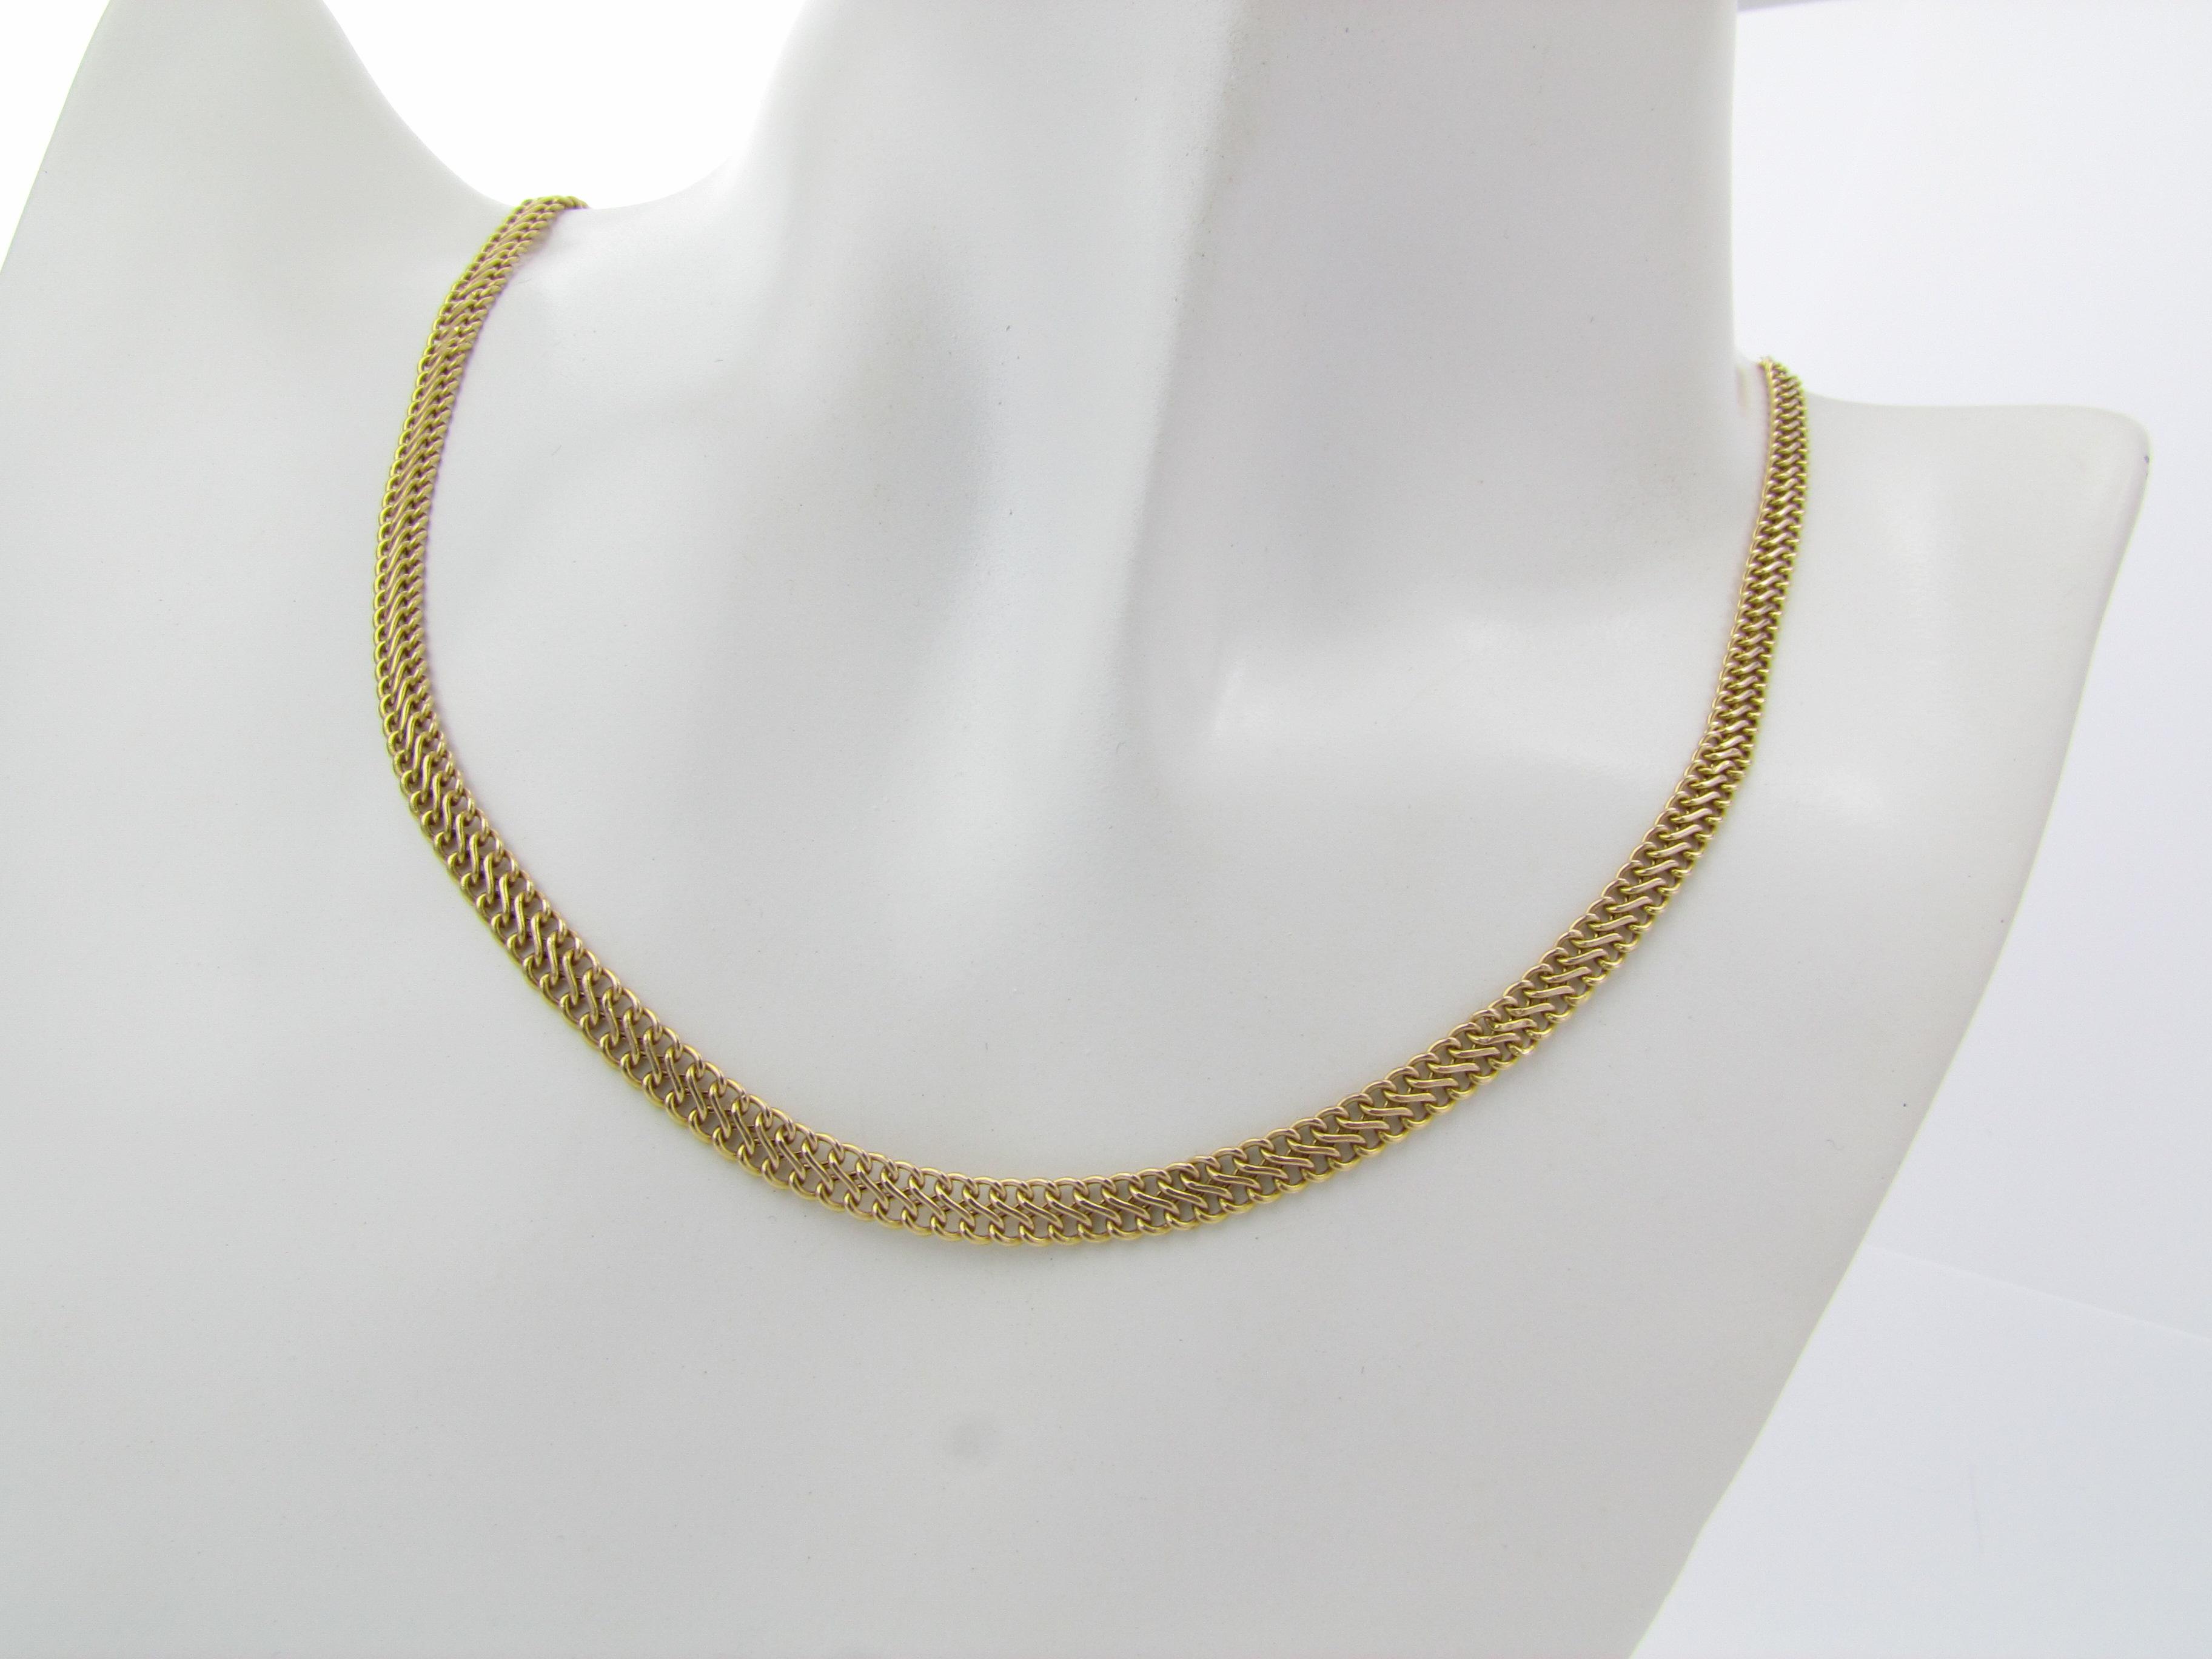 Smuk dobbelt panser halskæde i 14 karat guld